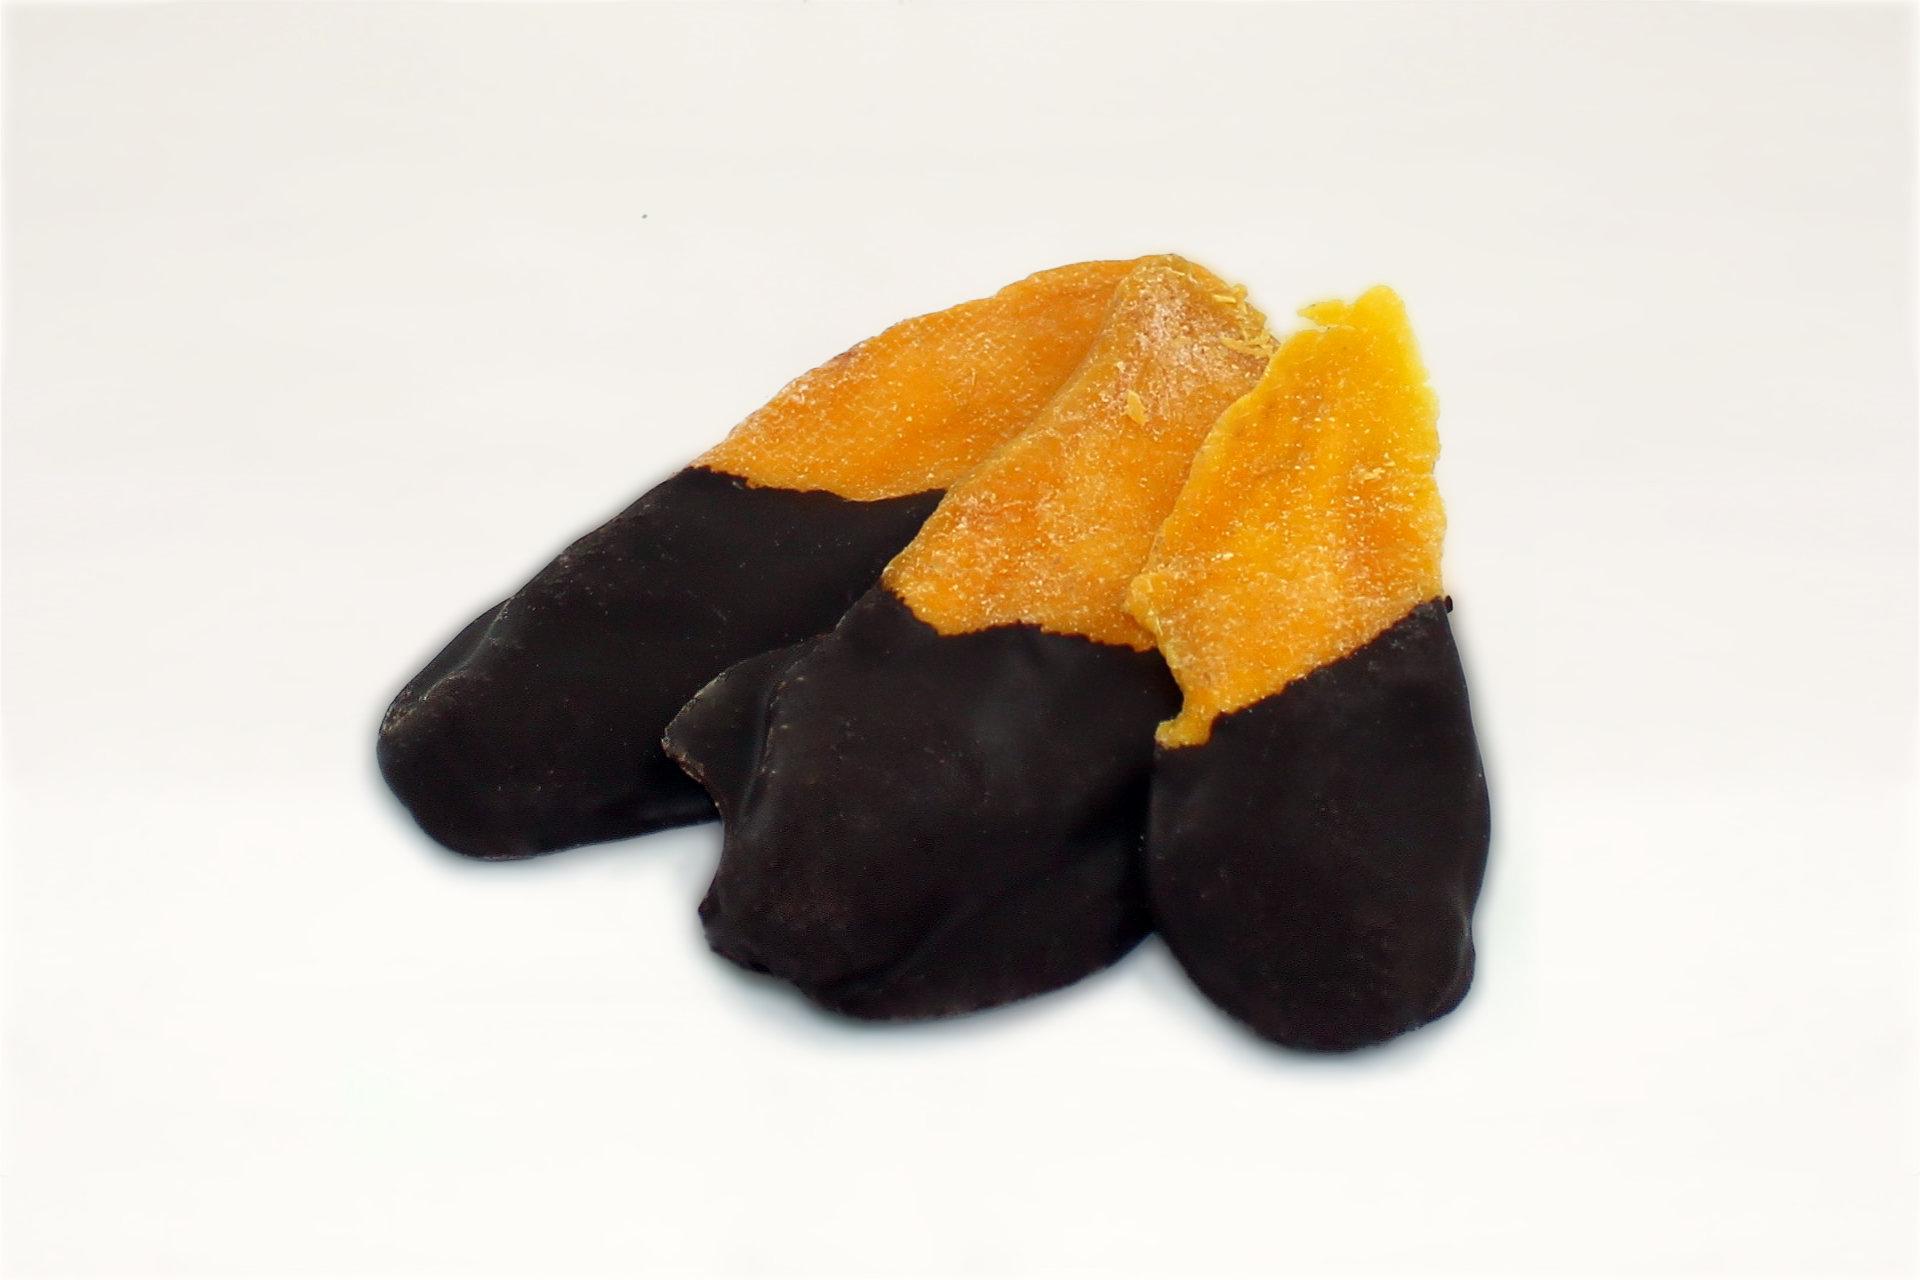 Mango, getrocknet, halbschokoliert mit dunkler Schokolade, Serviervorschlag